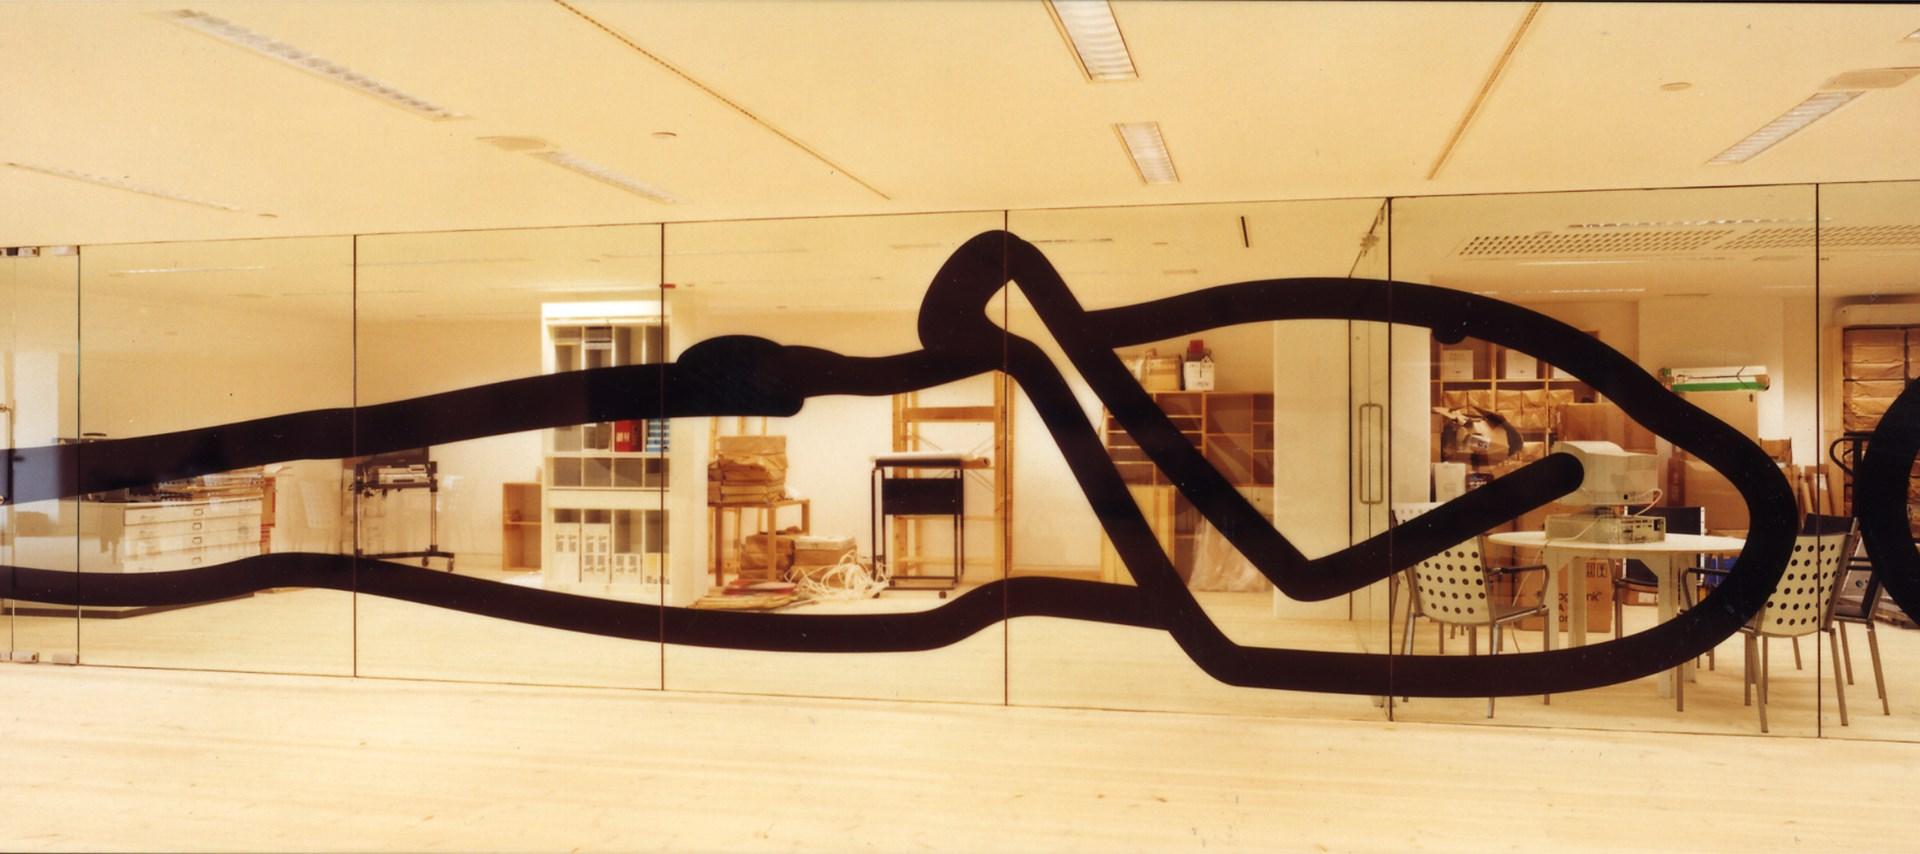 Julian Opie: Installations: Him Reclining. Image credit: Jerry Hardman-Jones